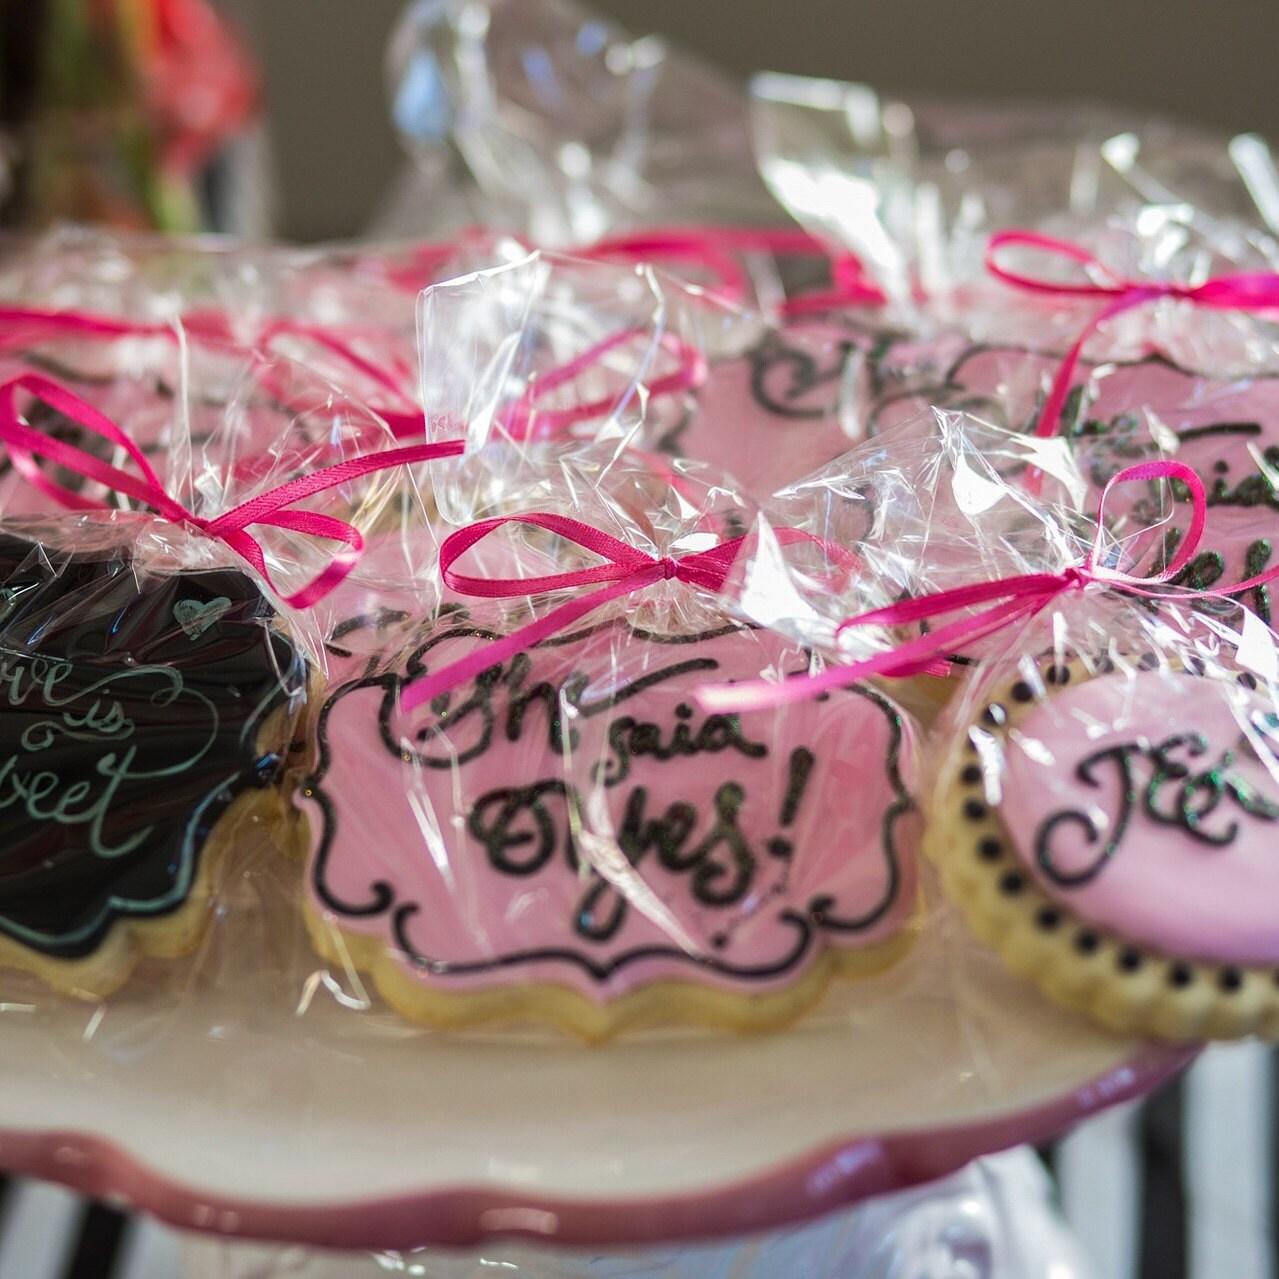 Vannaboo cookie shop by Vannaboocookieshop on Etsy